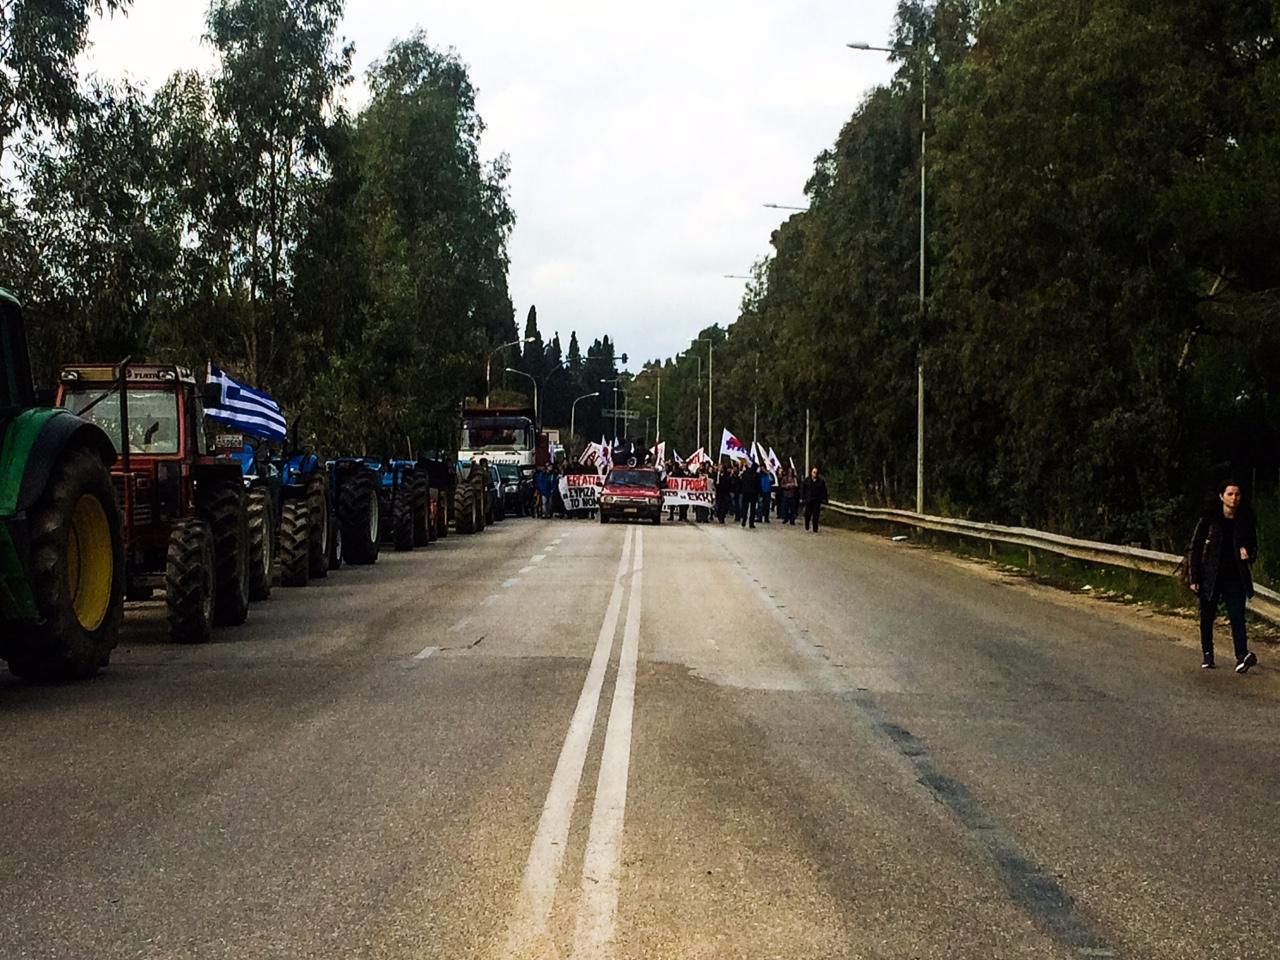 ΤΩΡΑ: Η πορεία του ΠΑΜΕ έφτασε στο μπλόκο των αγροτών της Κρανιάς!